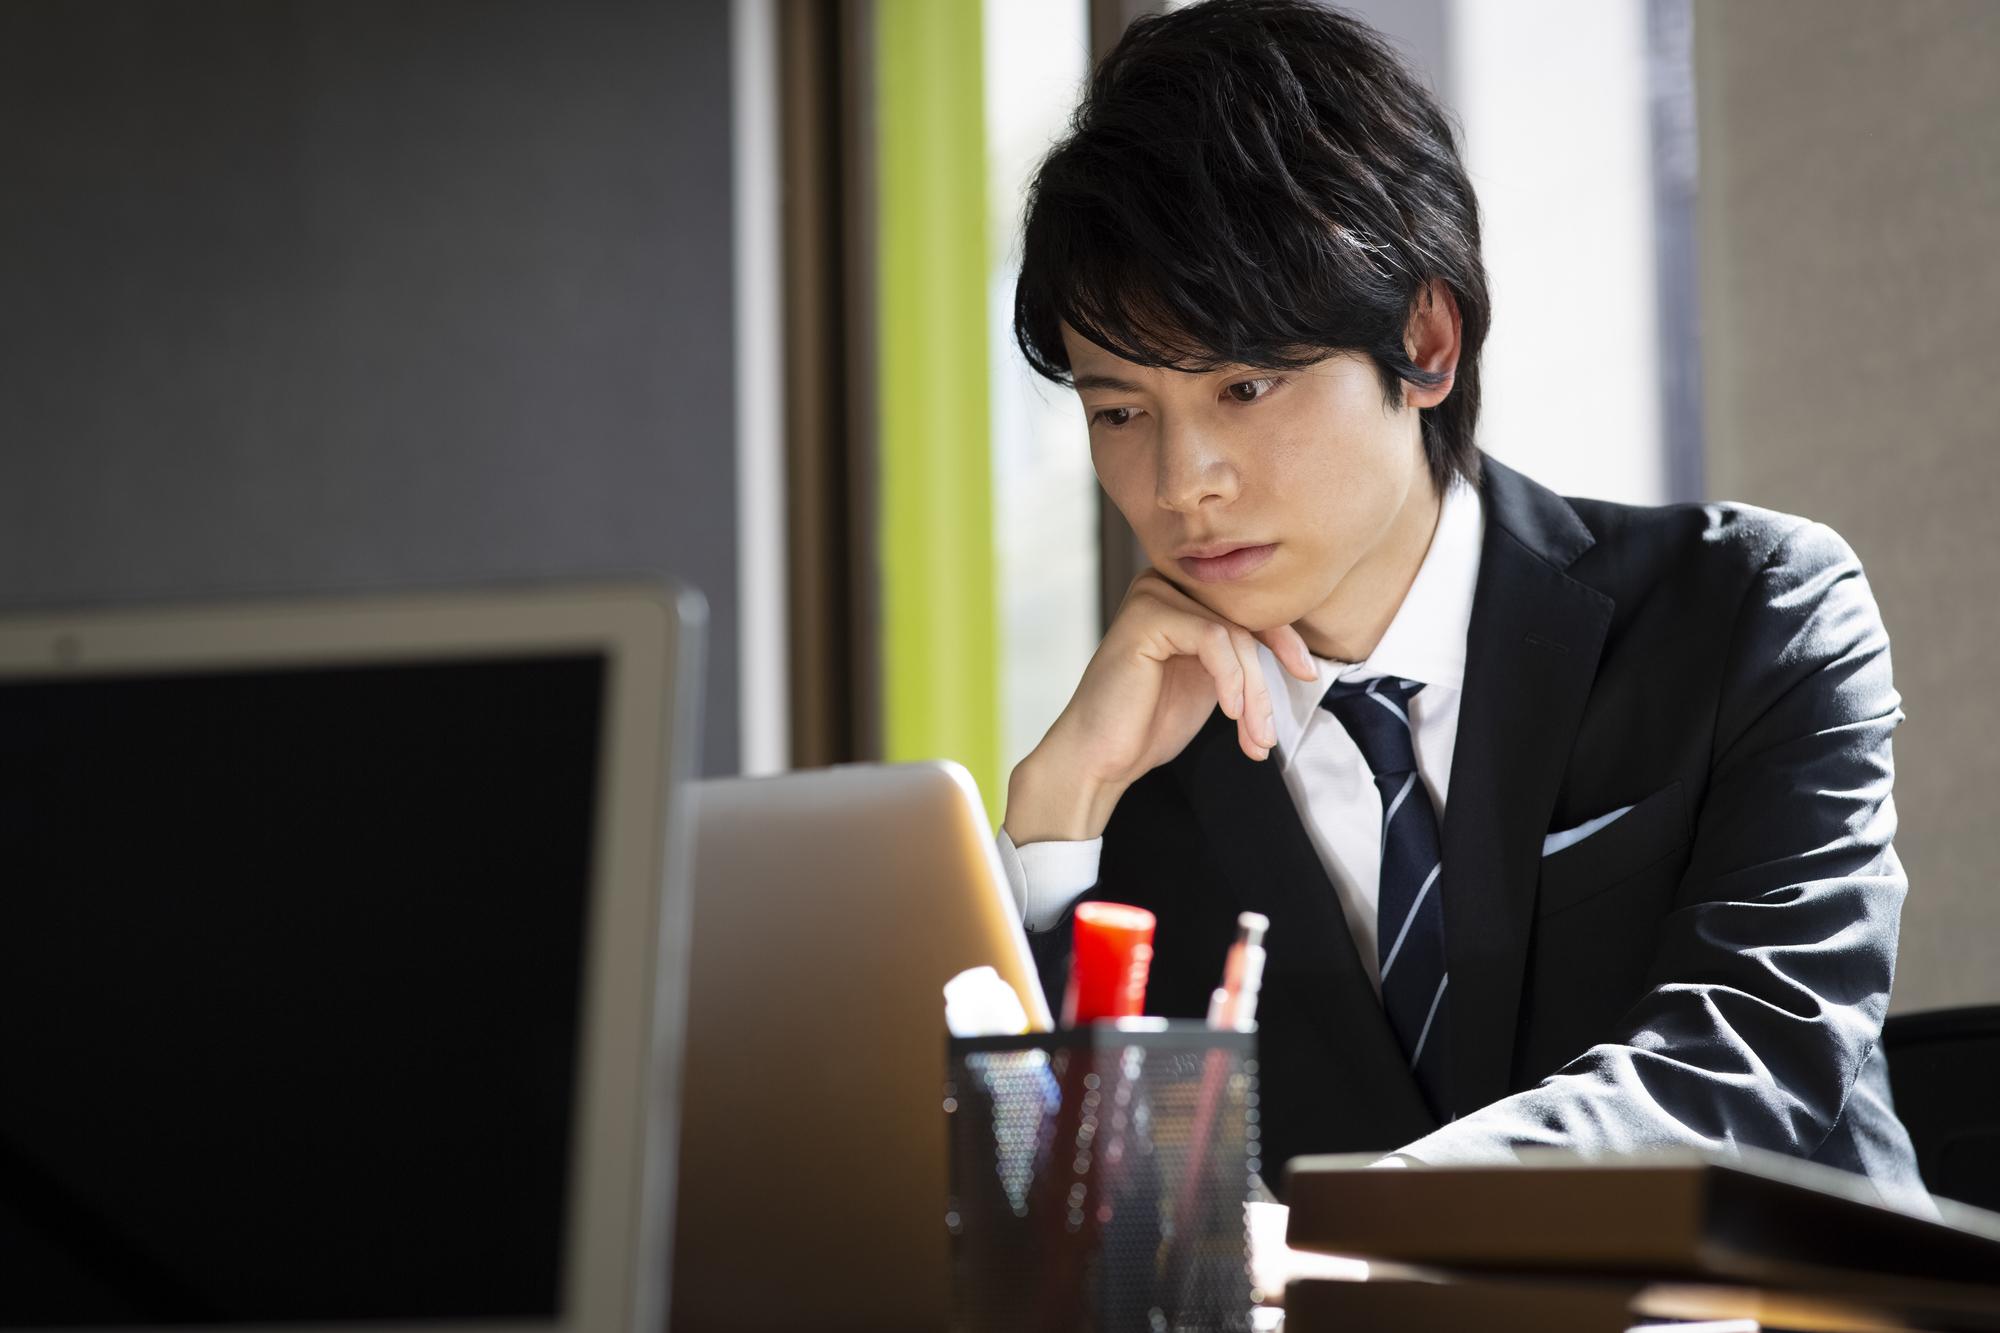 新しい働き方には必須。ビジネスマン注目のオンライン名刺交換とは_4